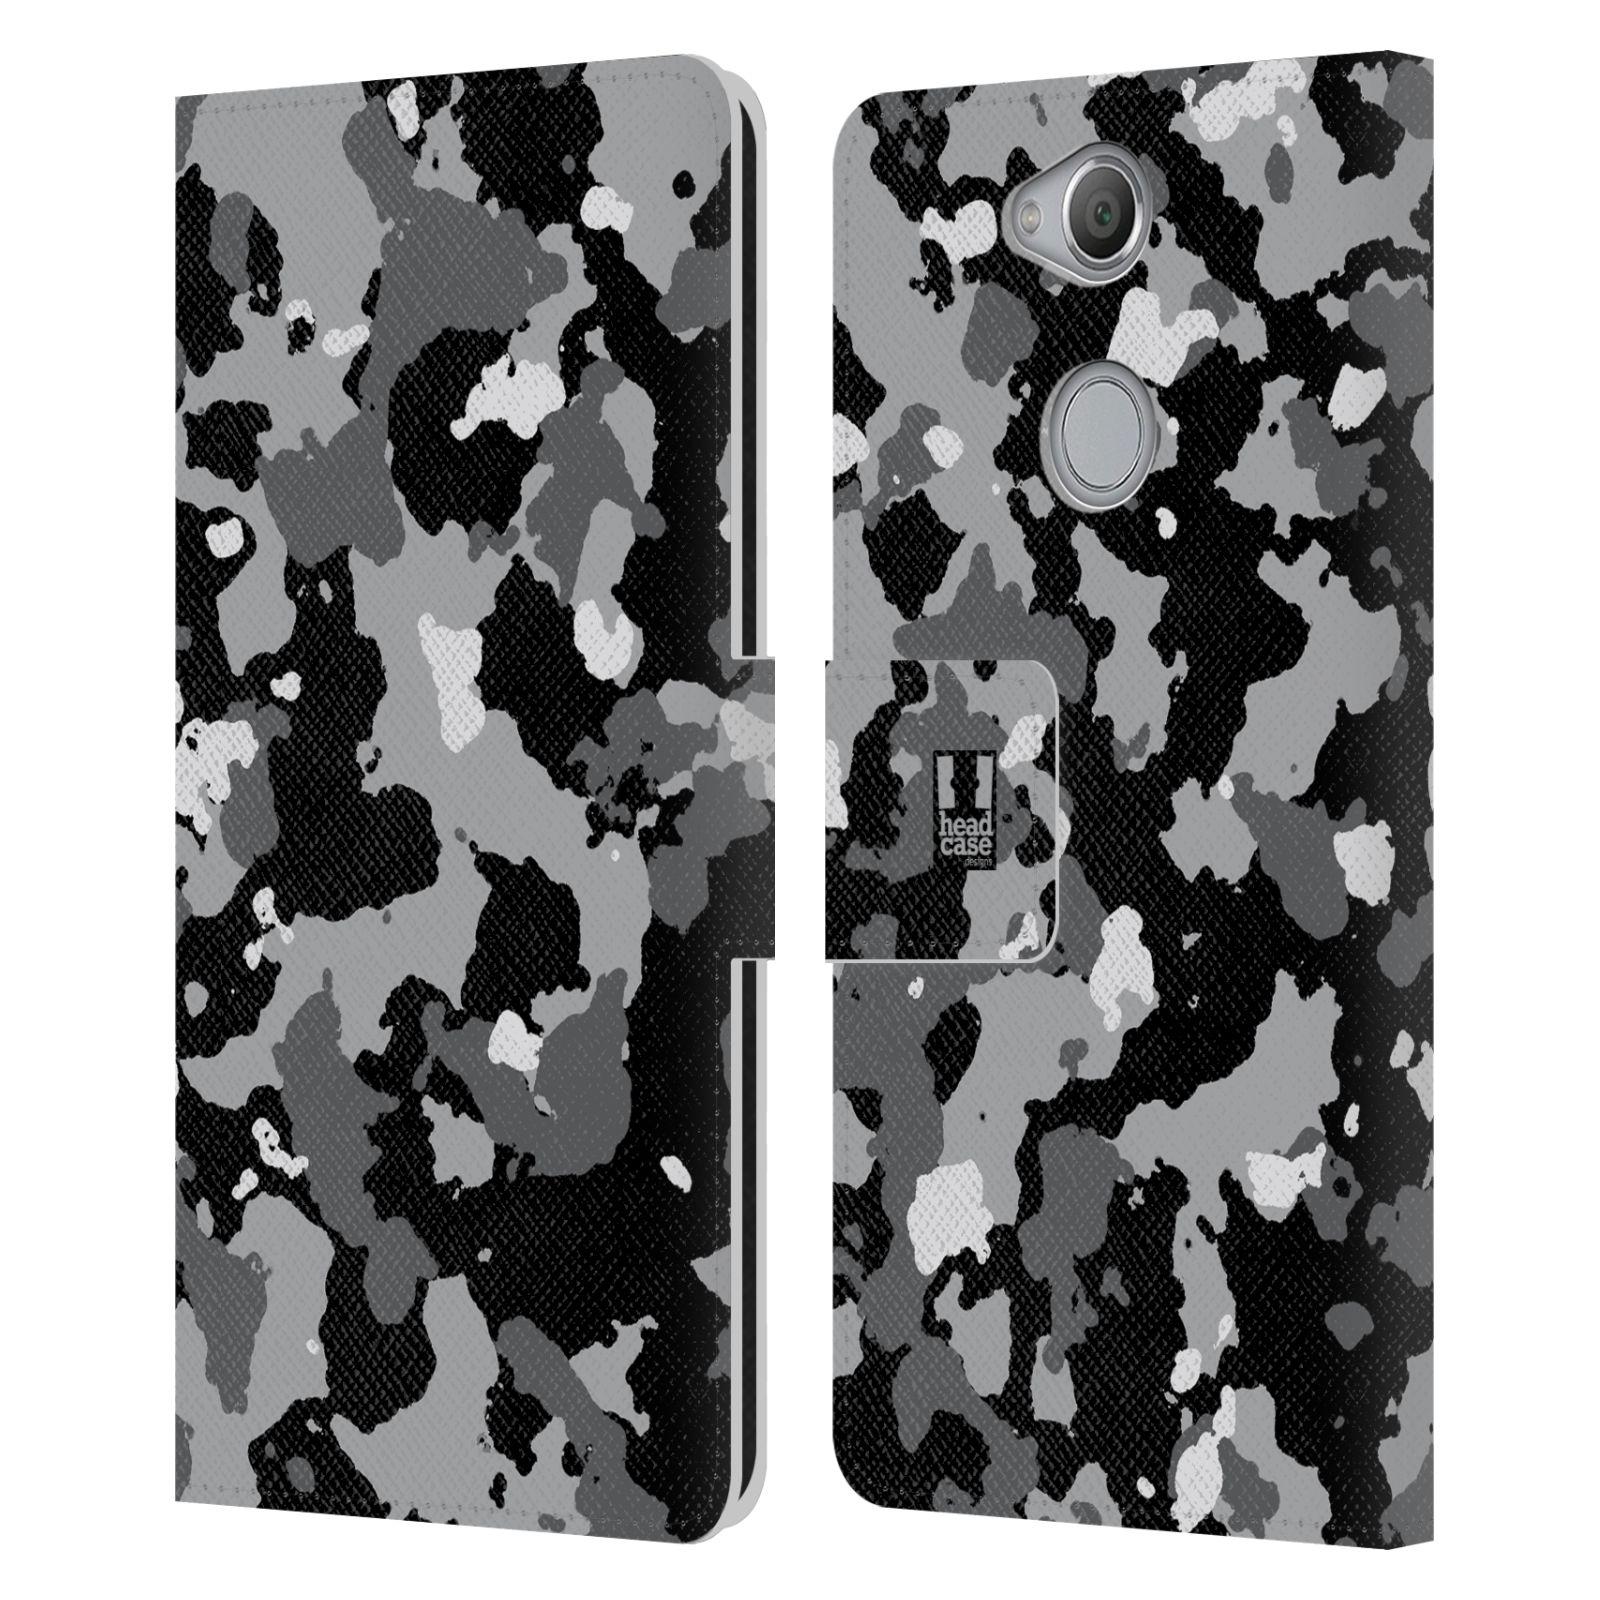 Pouzdro na mobil Sony Xperia XA2 - Head Case - kamuflaž černá a šedá